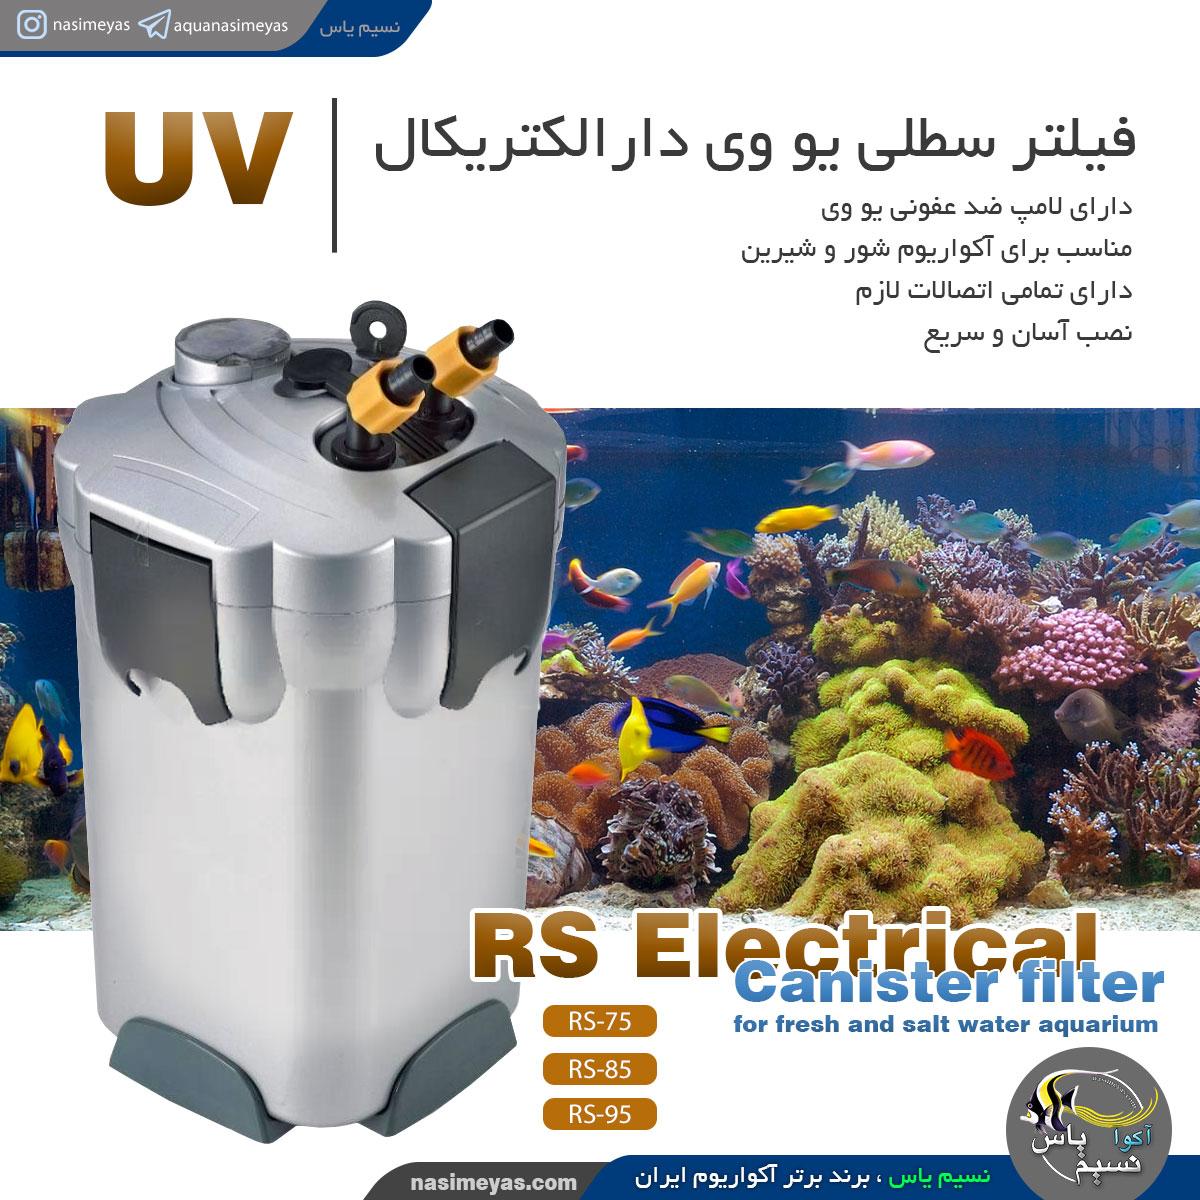 فیلتر سطلی یو وی دار الکتریکال